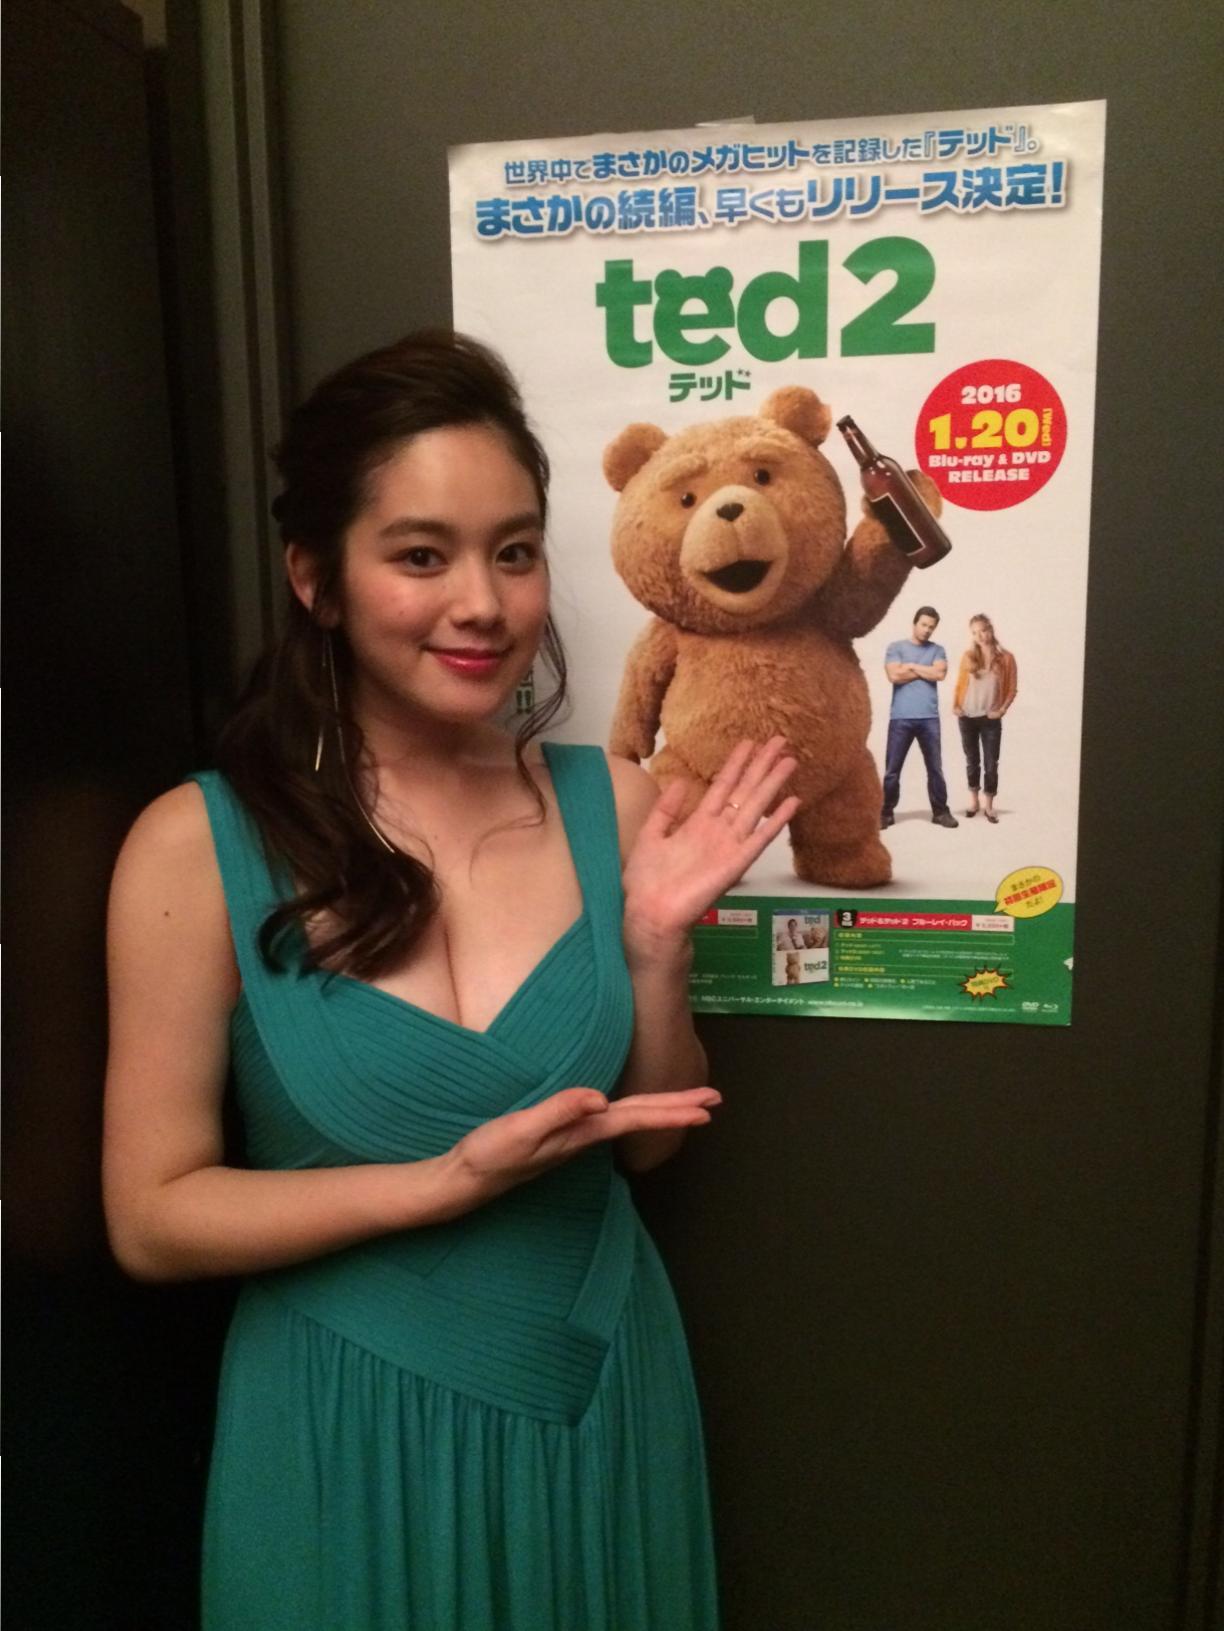 筧美和子さんも登場!「ted2」リリースパーティに潜入! _3